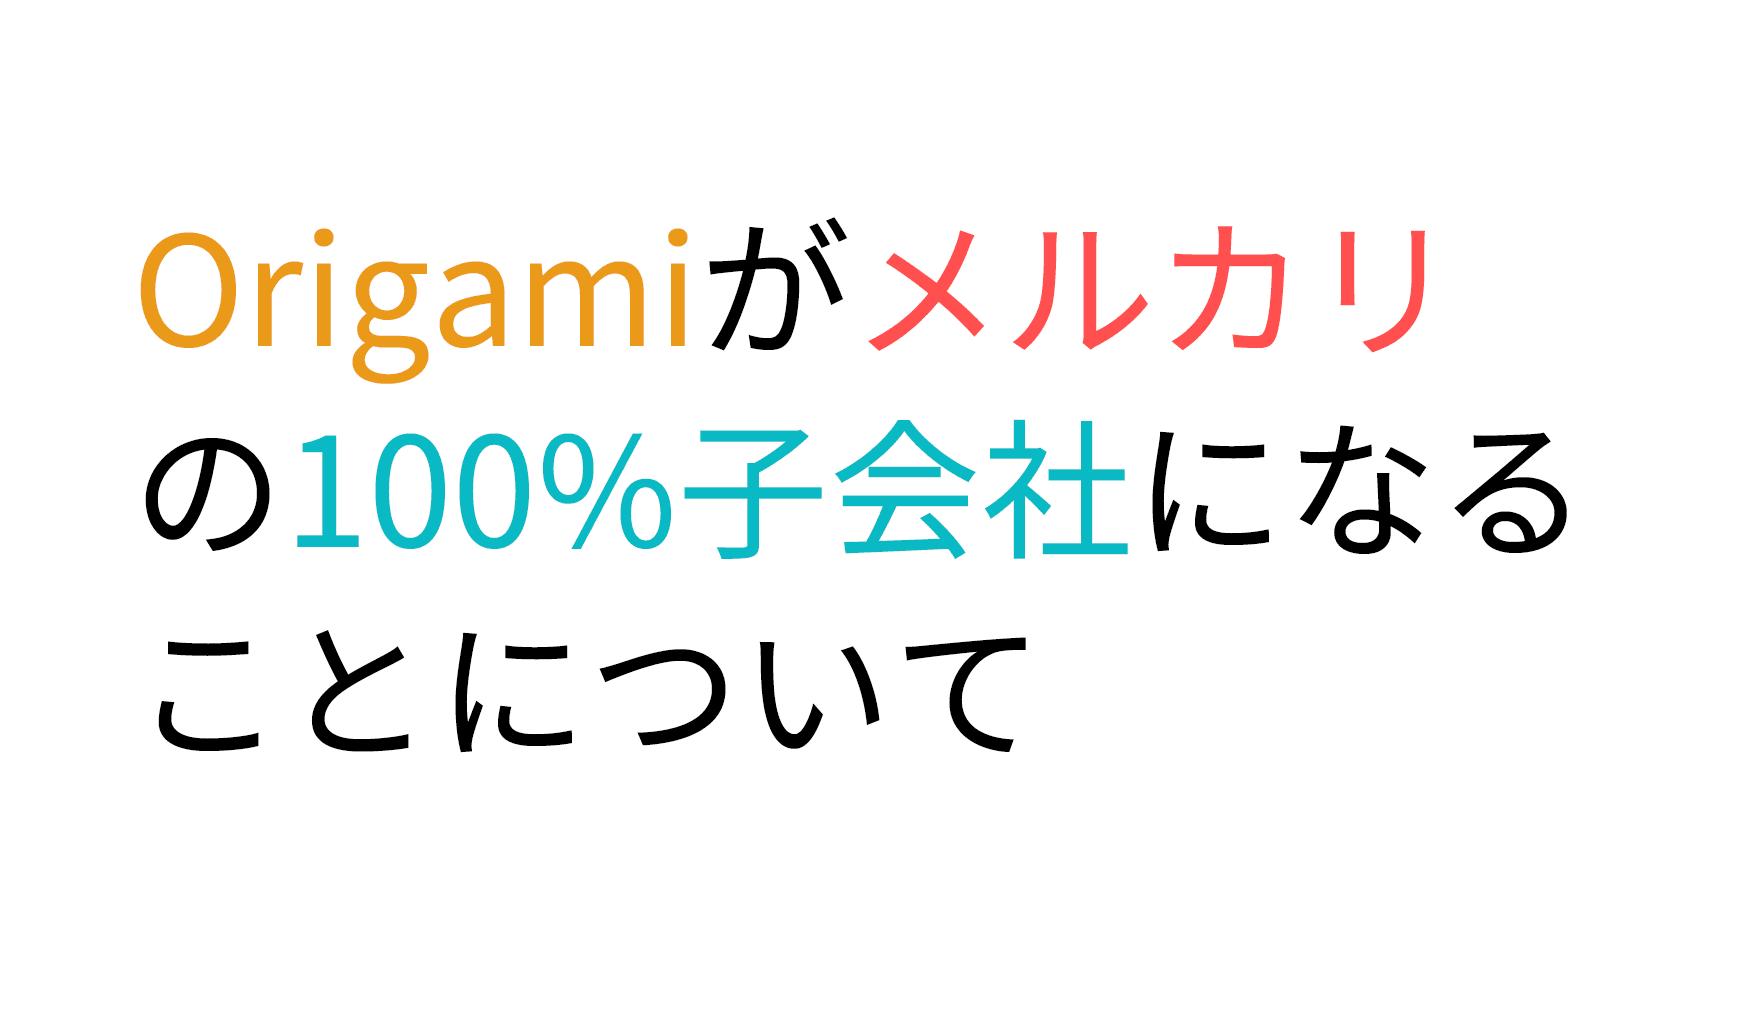 Origamiがメルカリの100%子会社になることについて